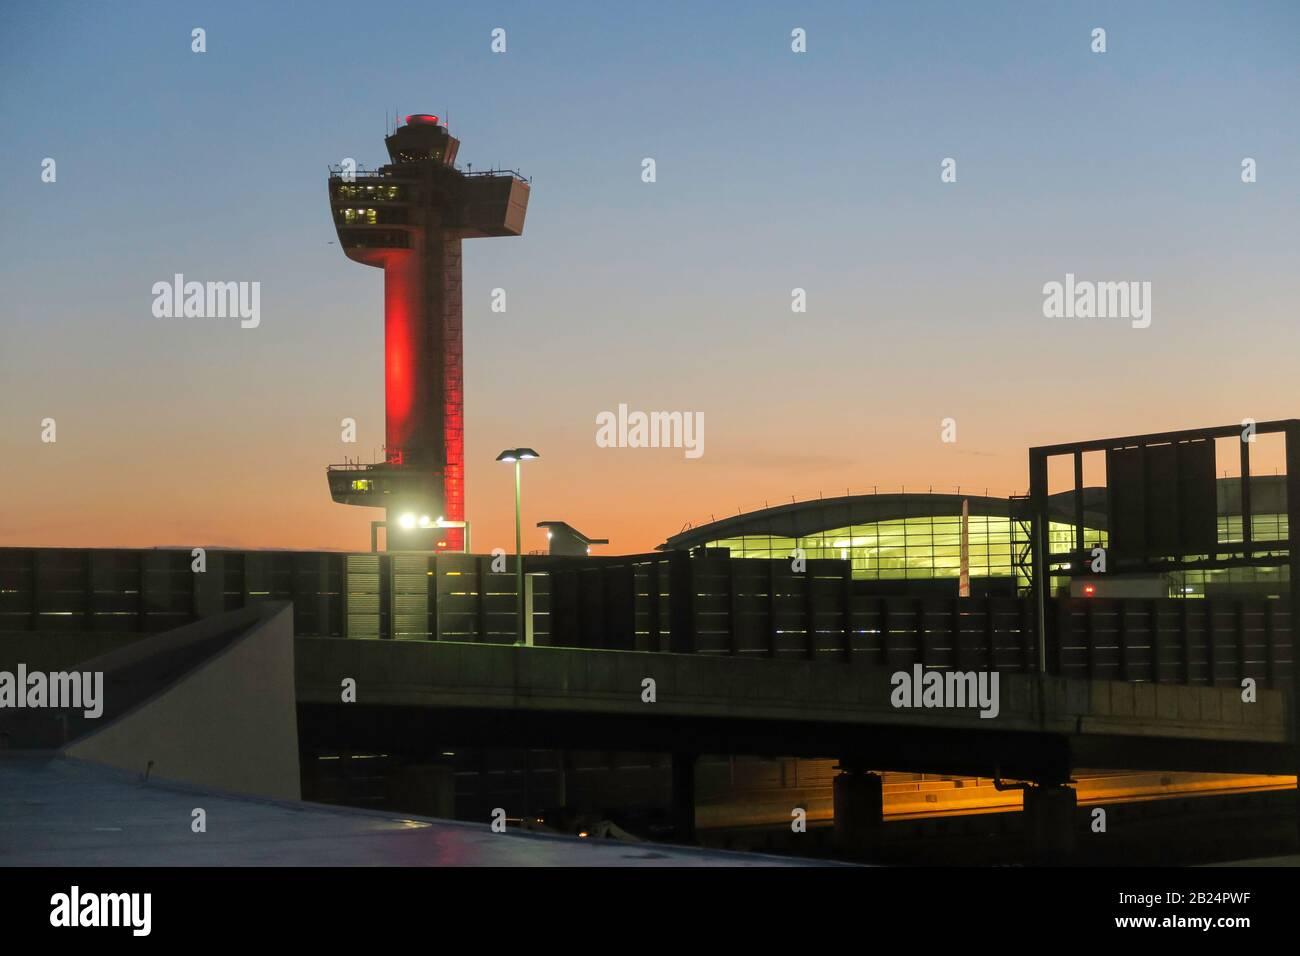 Tour de contrôle de la circulation aérienne à l'aéroport international John F. Kennedy, New York, États-Unis Banque D'Images